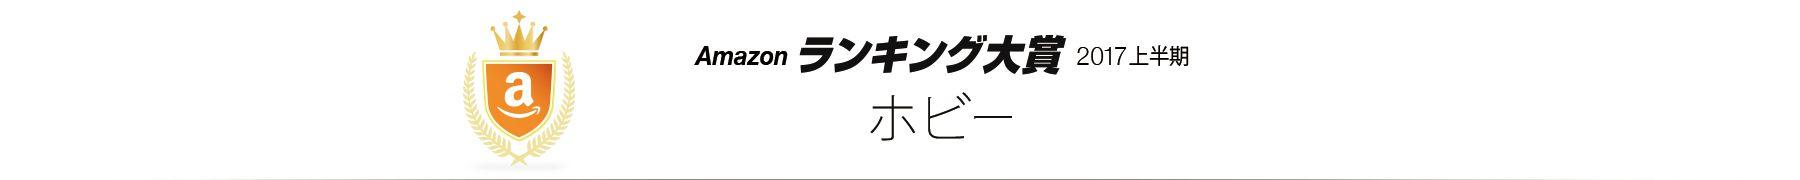 Amazonランキング大賞2017ホビー